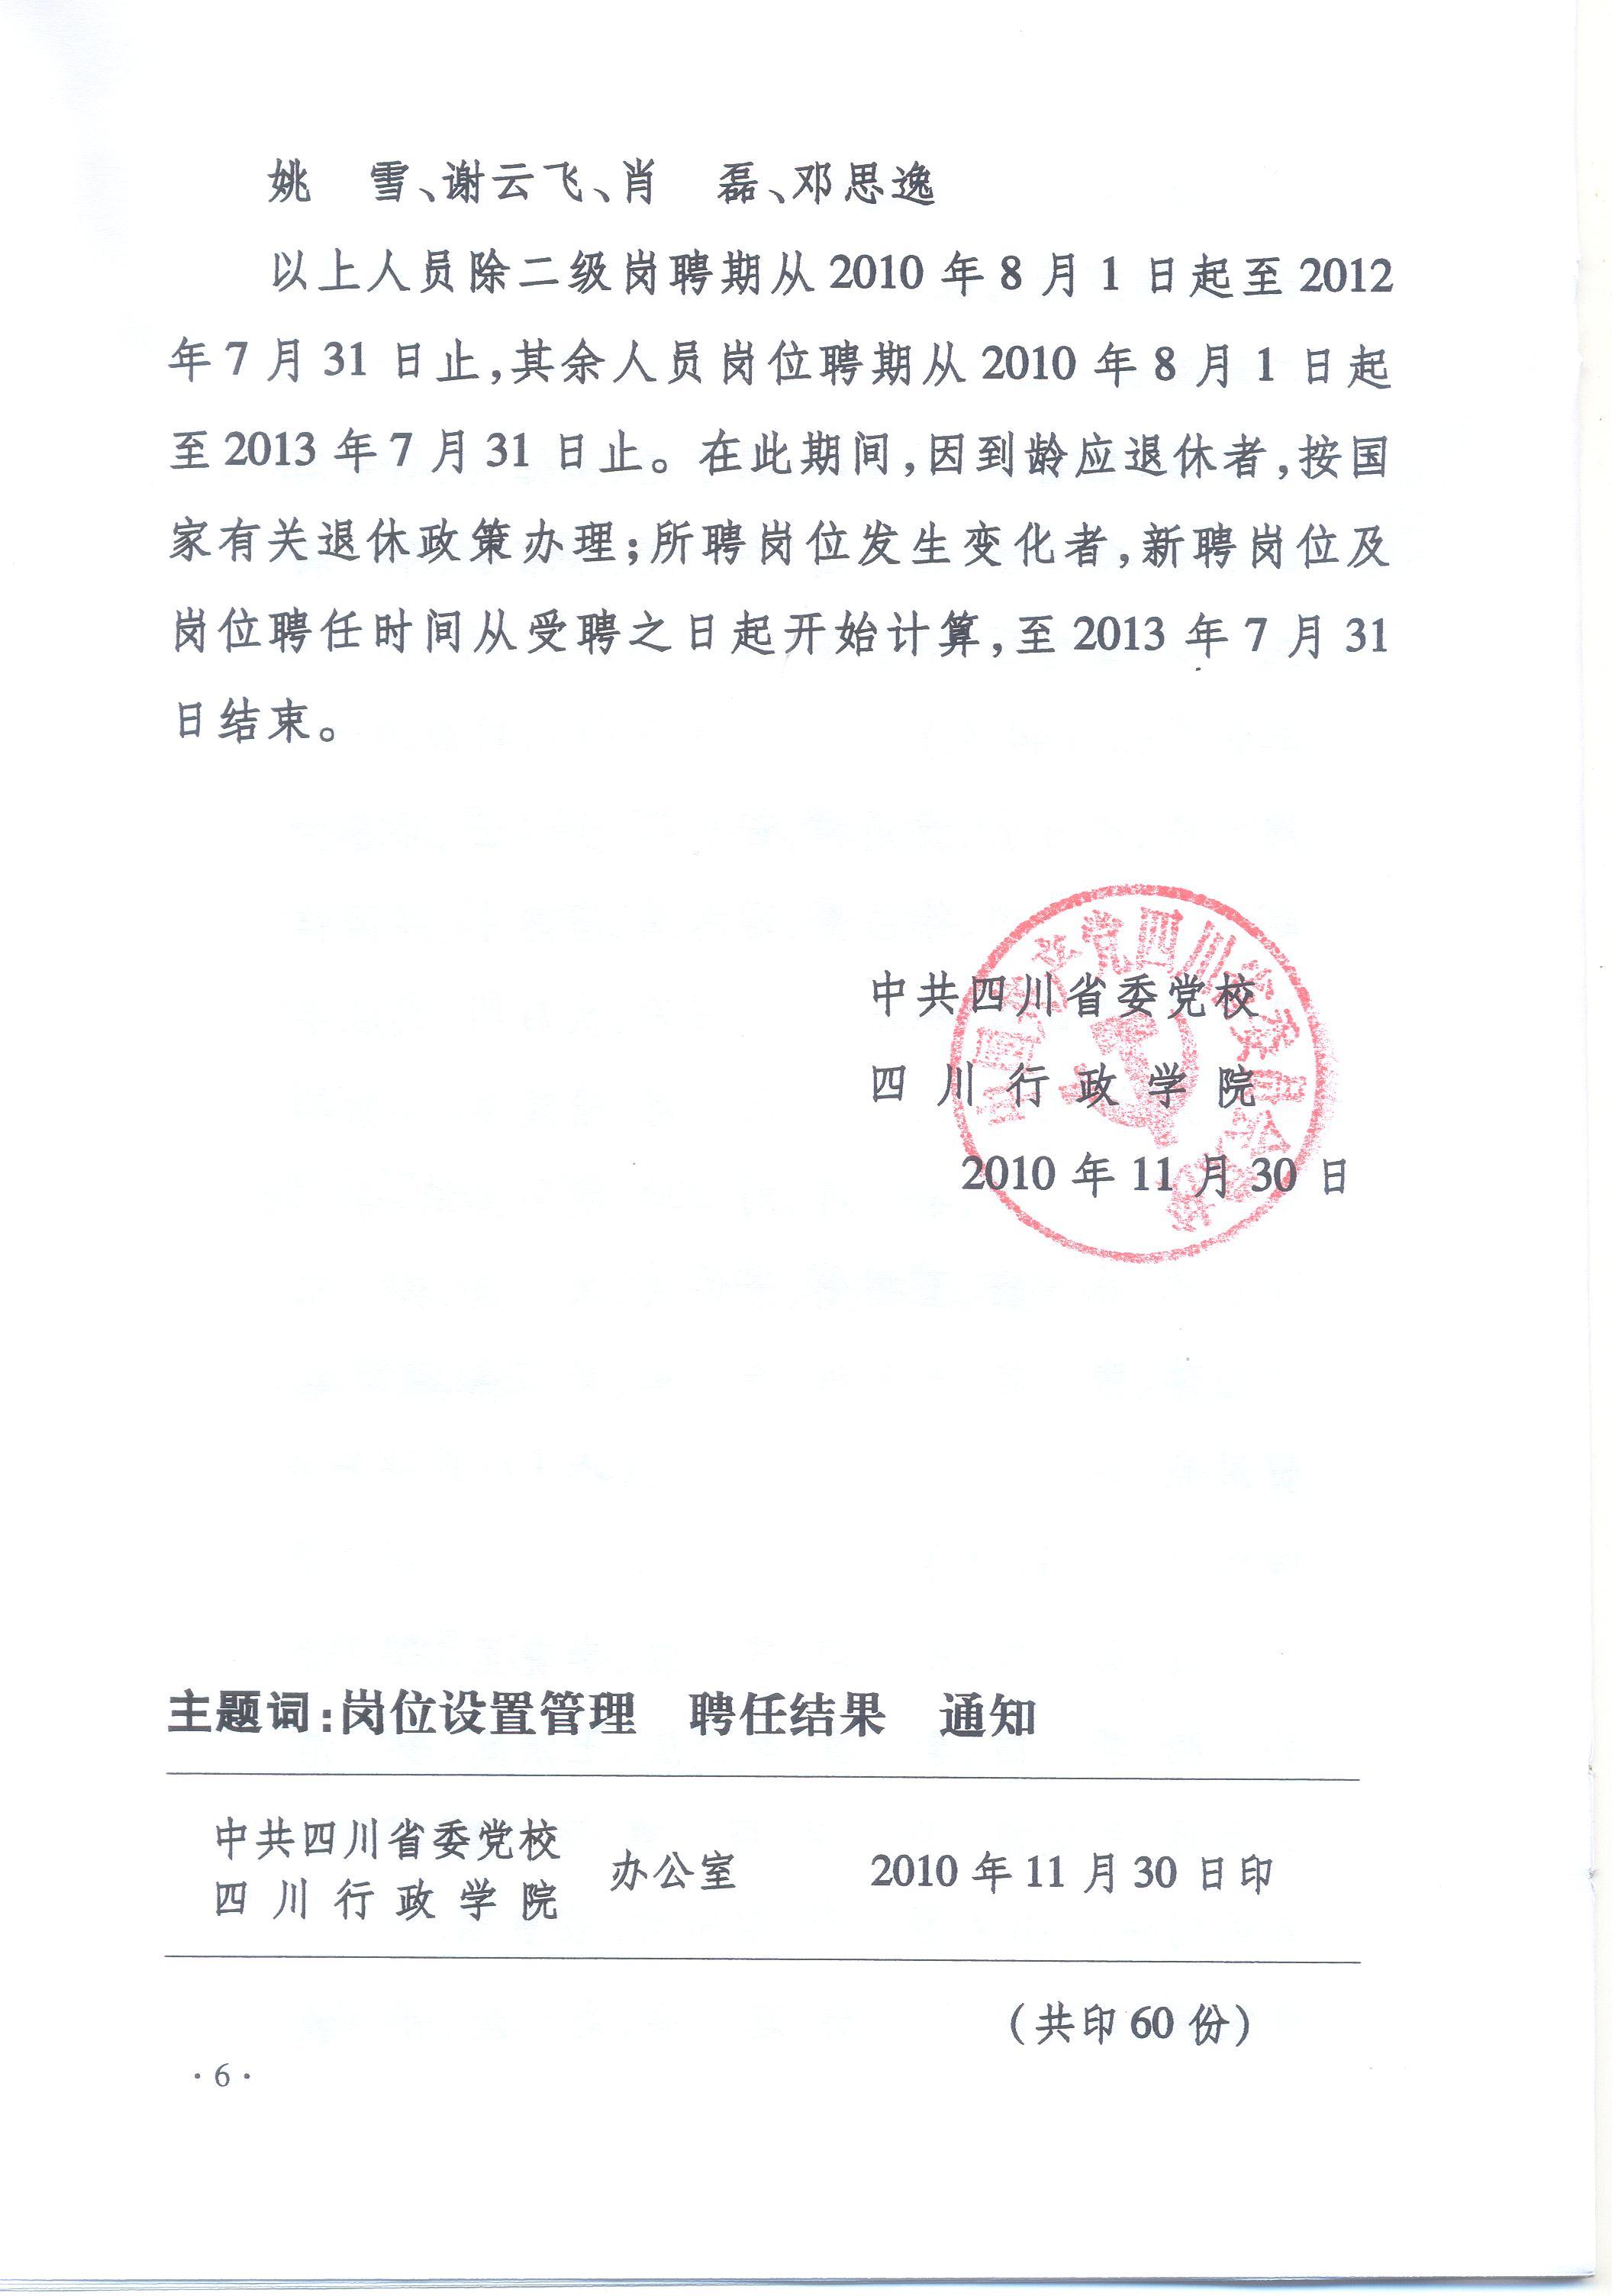 中共四川省委党校、四川行政学院关于事业编制